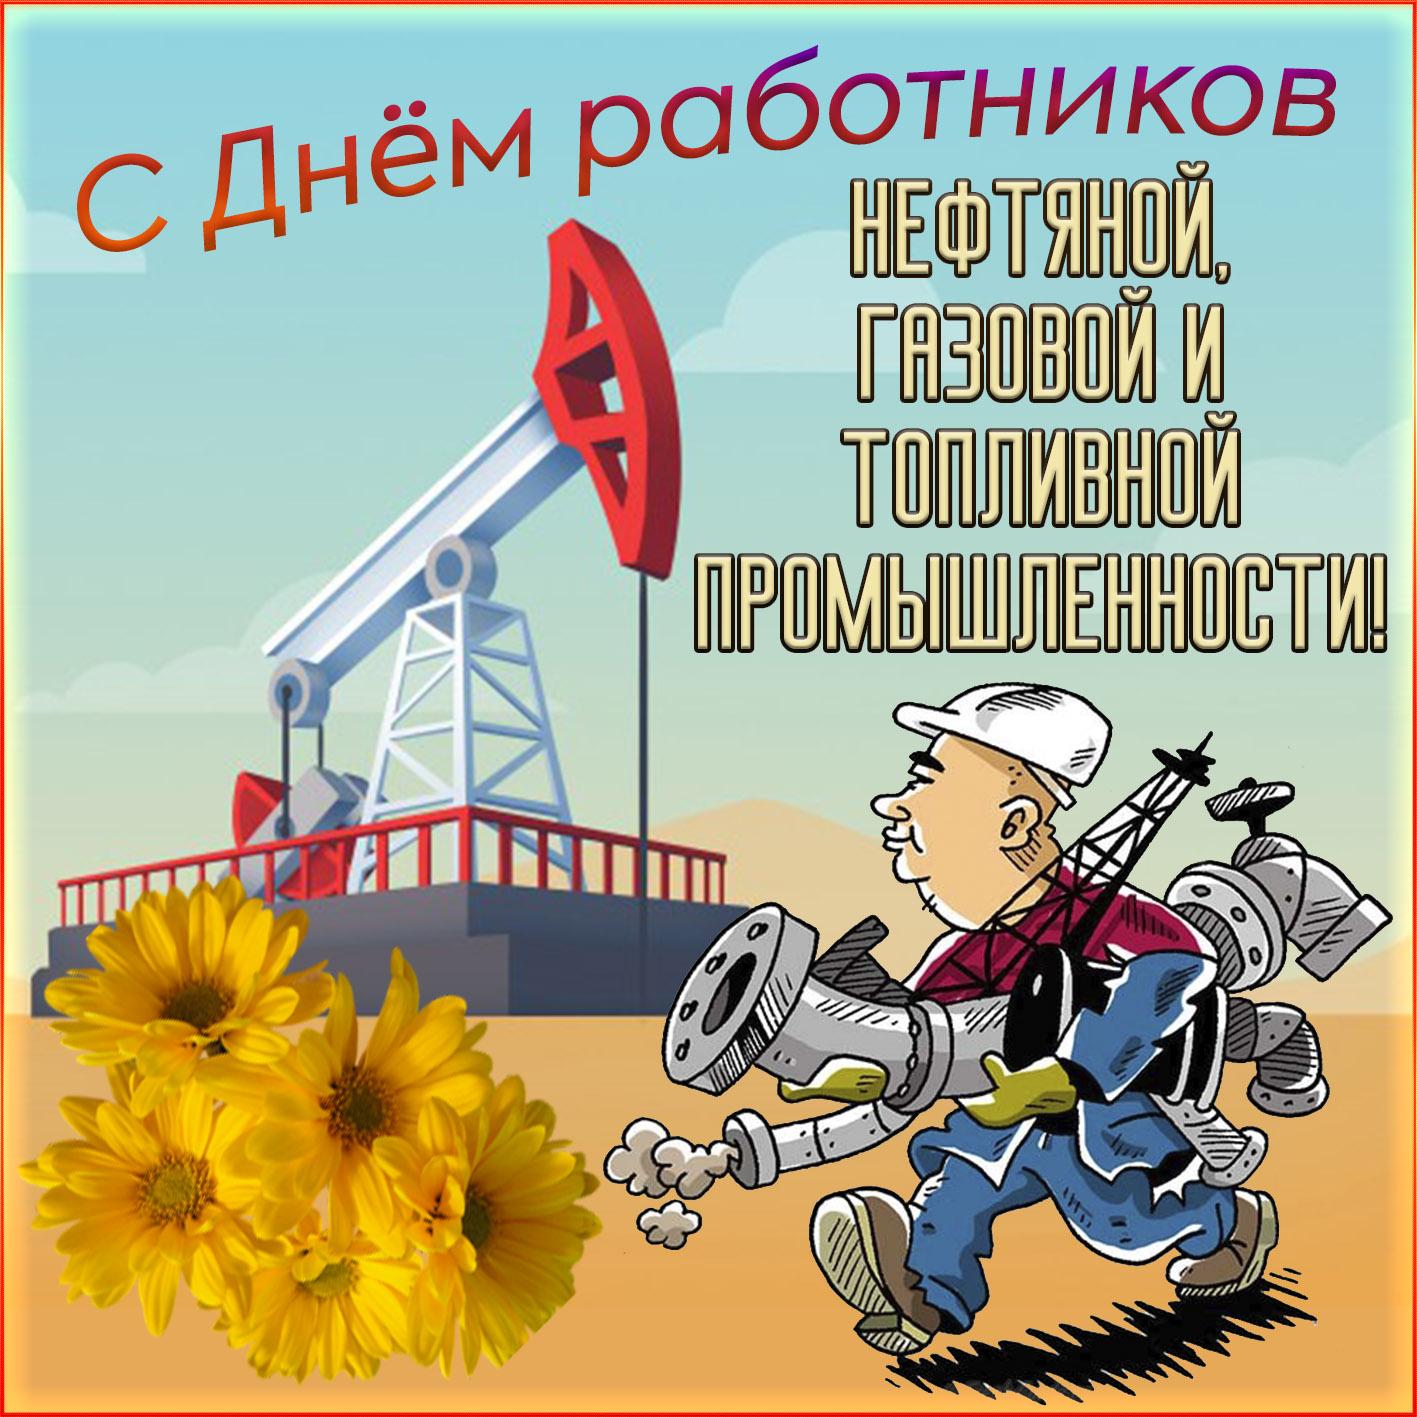 Поздравление с днем нефтяника с юмором картинки